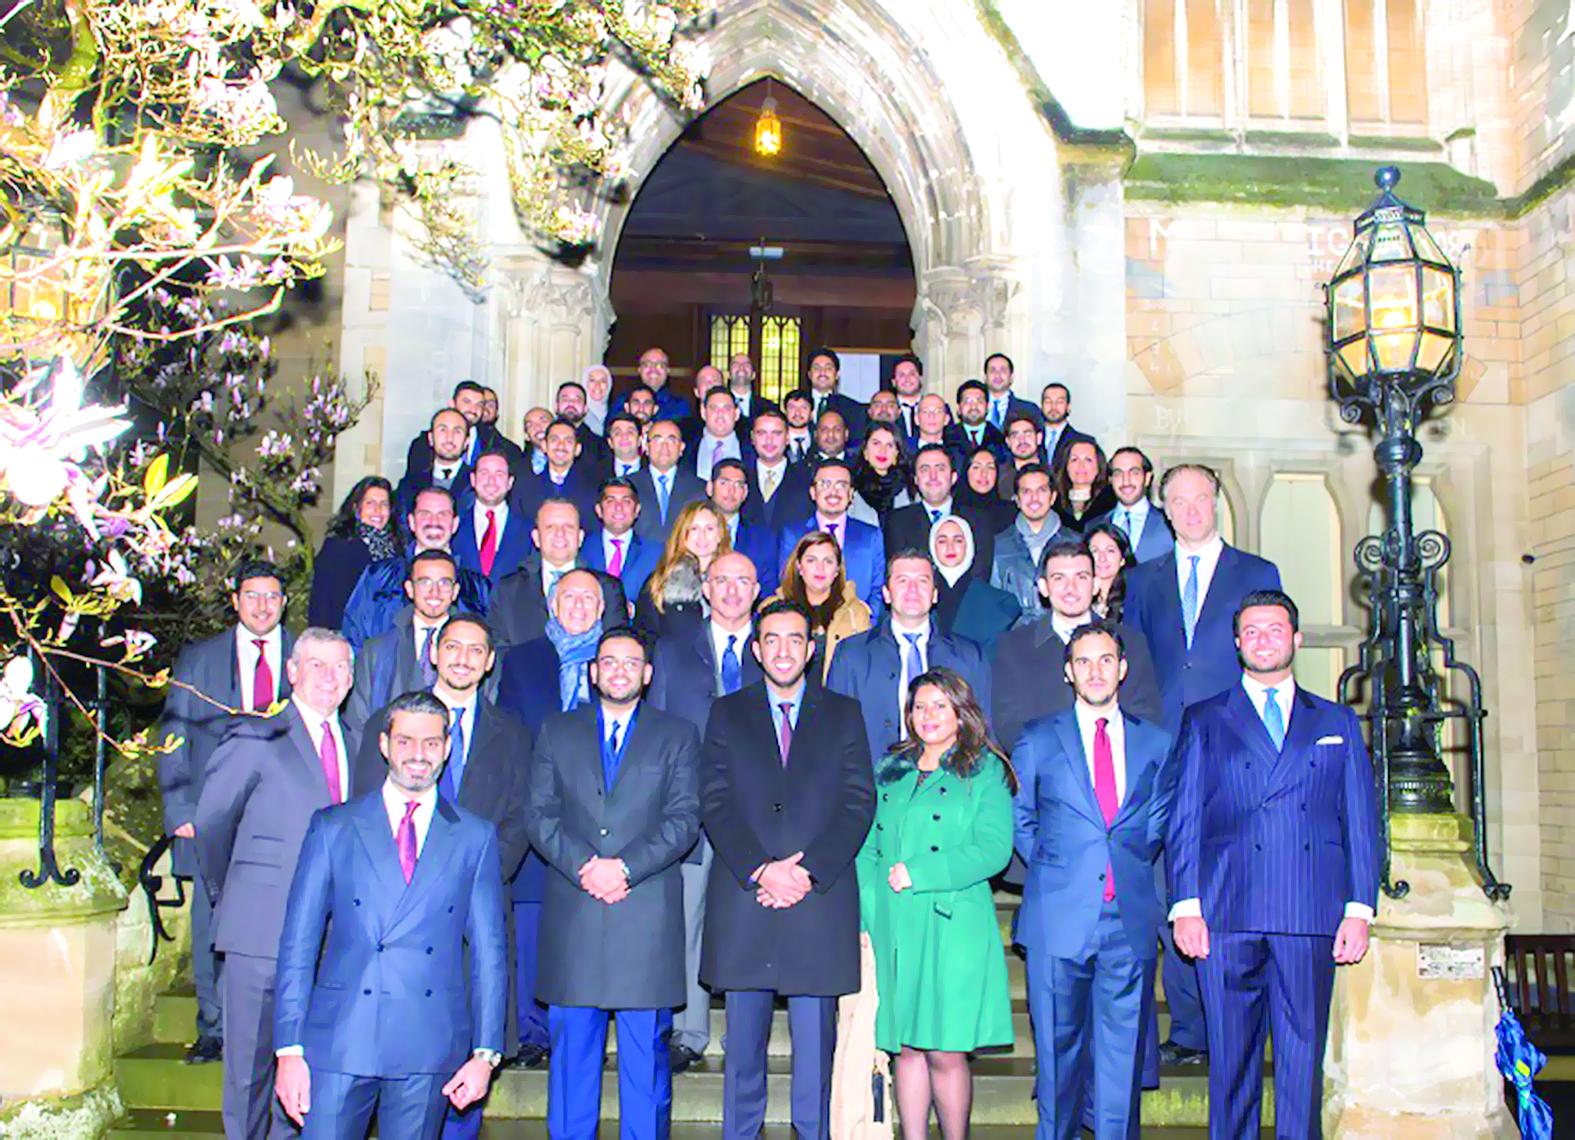 إنفستكورب يستضيف برنامجاً لقادة الأعمال الشباب في أوكسفورد